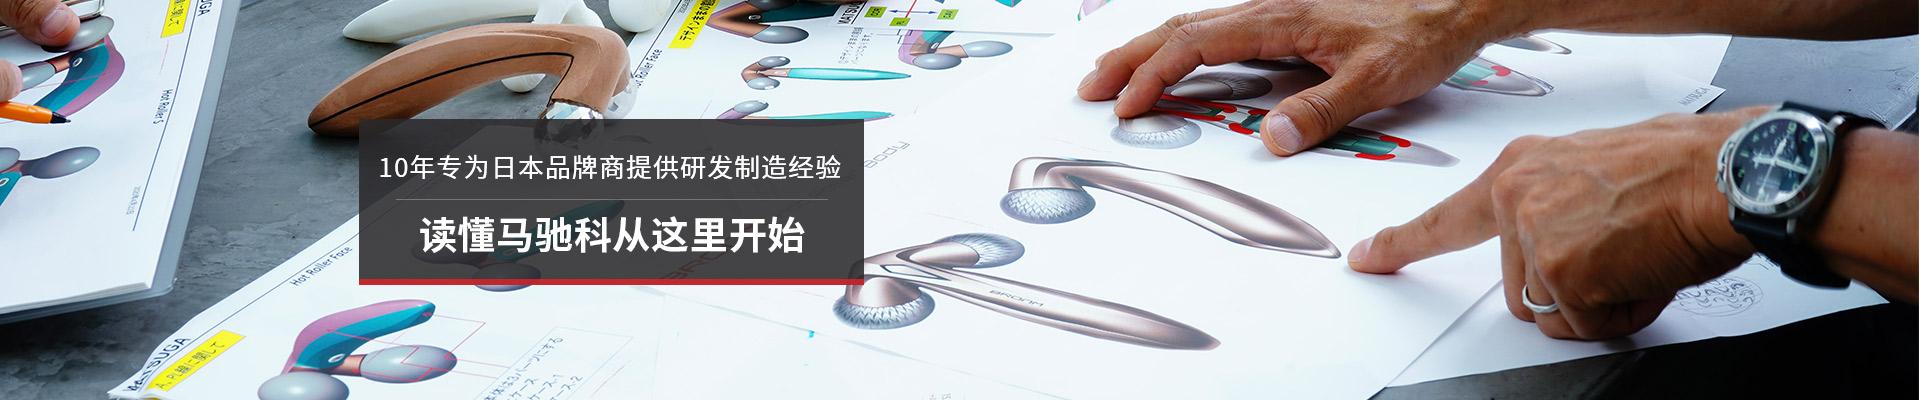 马驰科-日本品控体系标准,精细每步检测环节